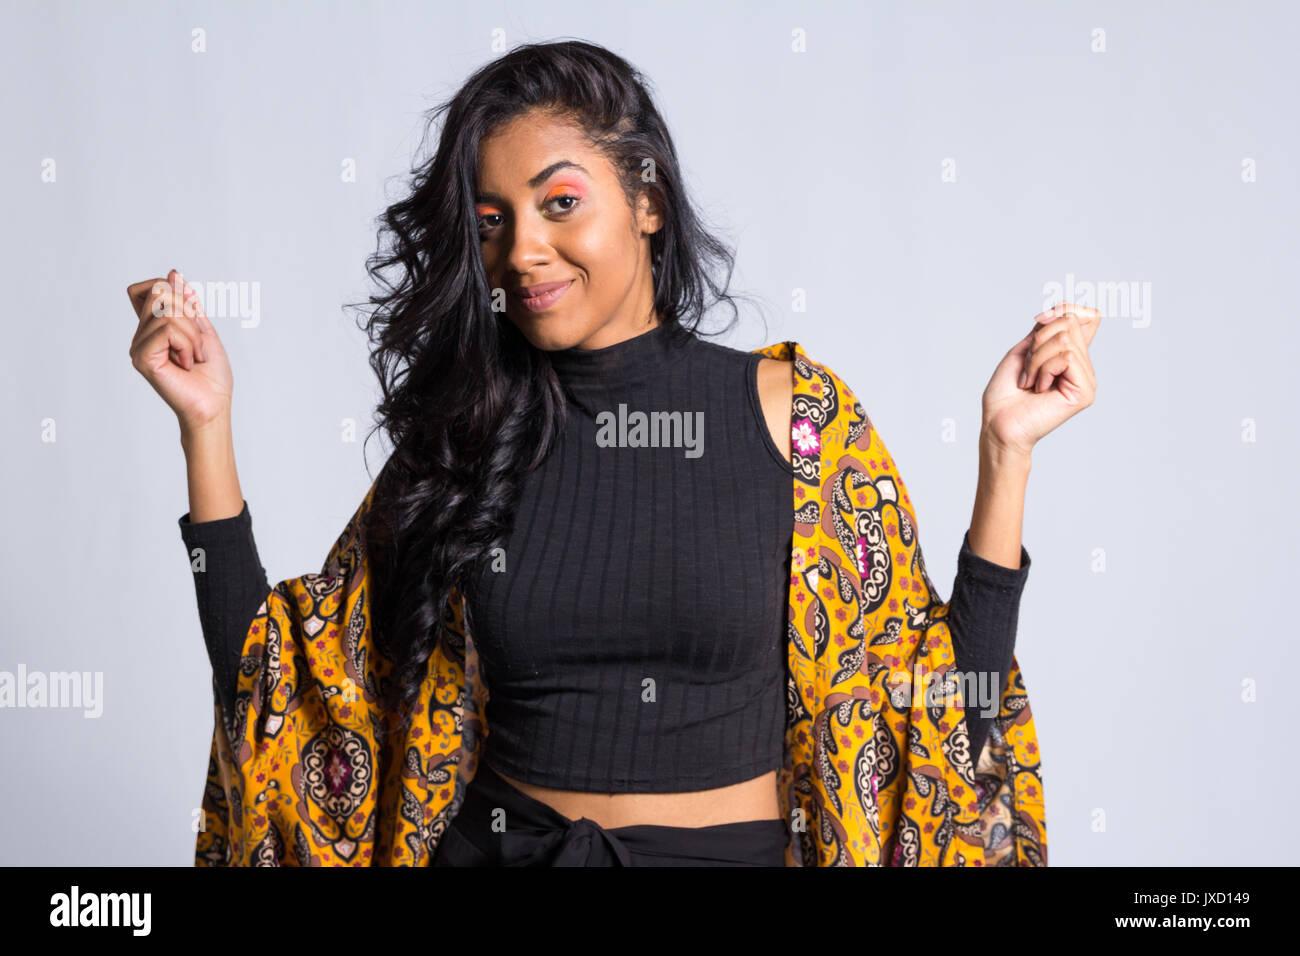 30310e2c29 Afrodescendant donna indossa nero e giallo abbigliamento. Lei è brasiliana.  Specchio colorato. Moda